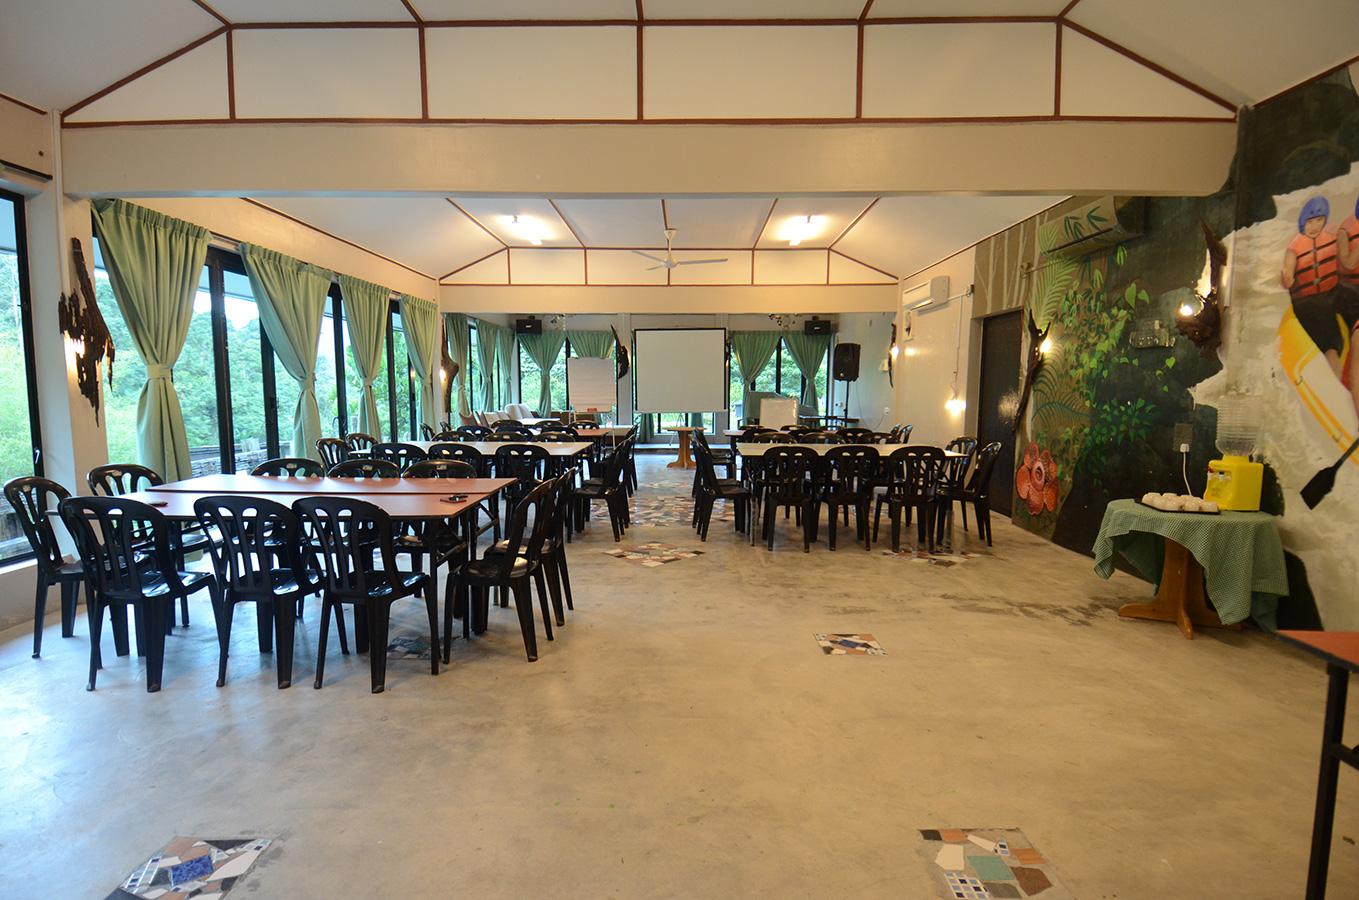 Adeline Villa Amp Rest House Cafe